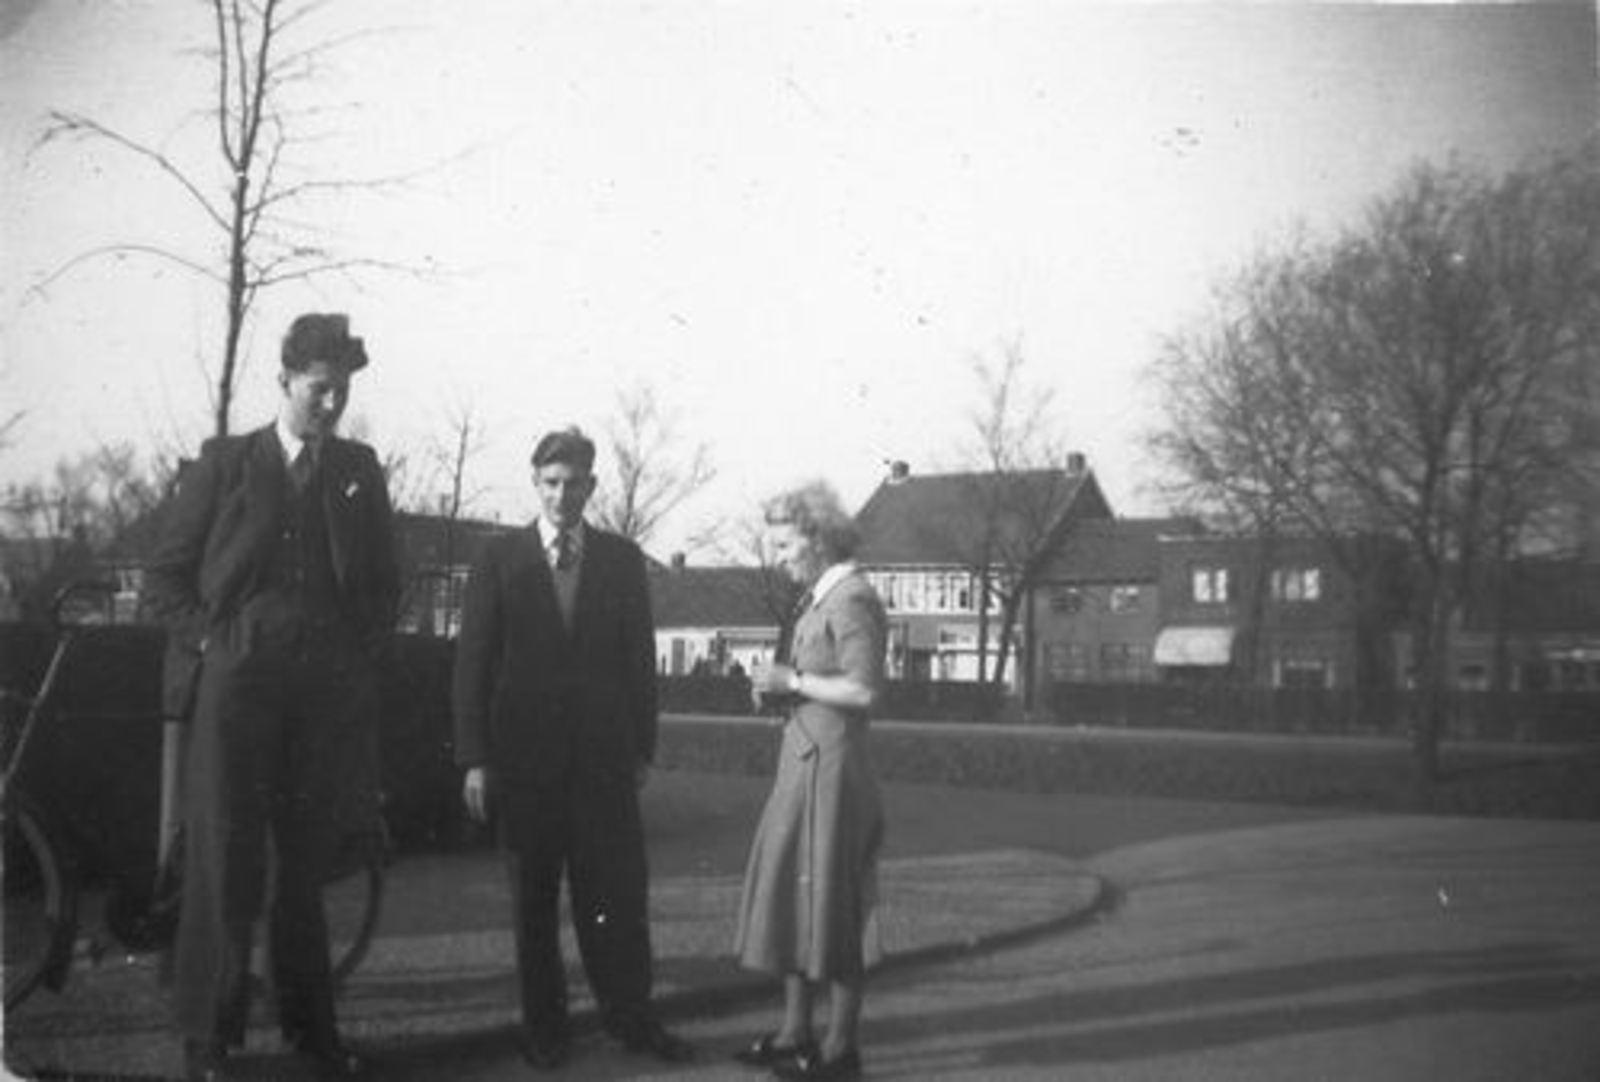 Kruisweg N 1033+ 1950 met Femmie vd Helm en Onbekenden